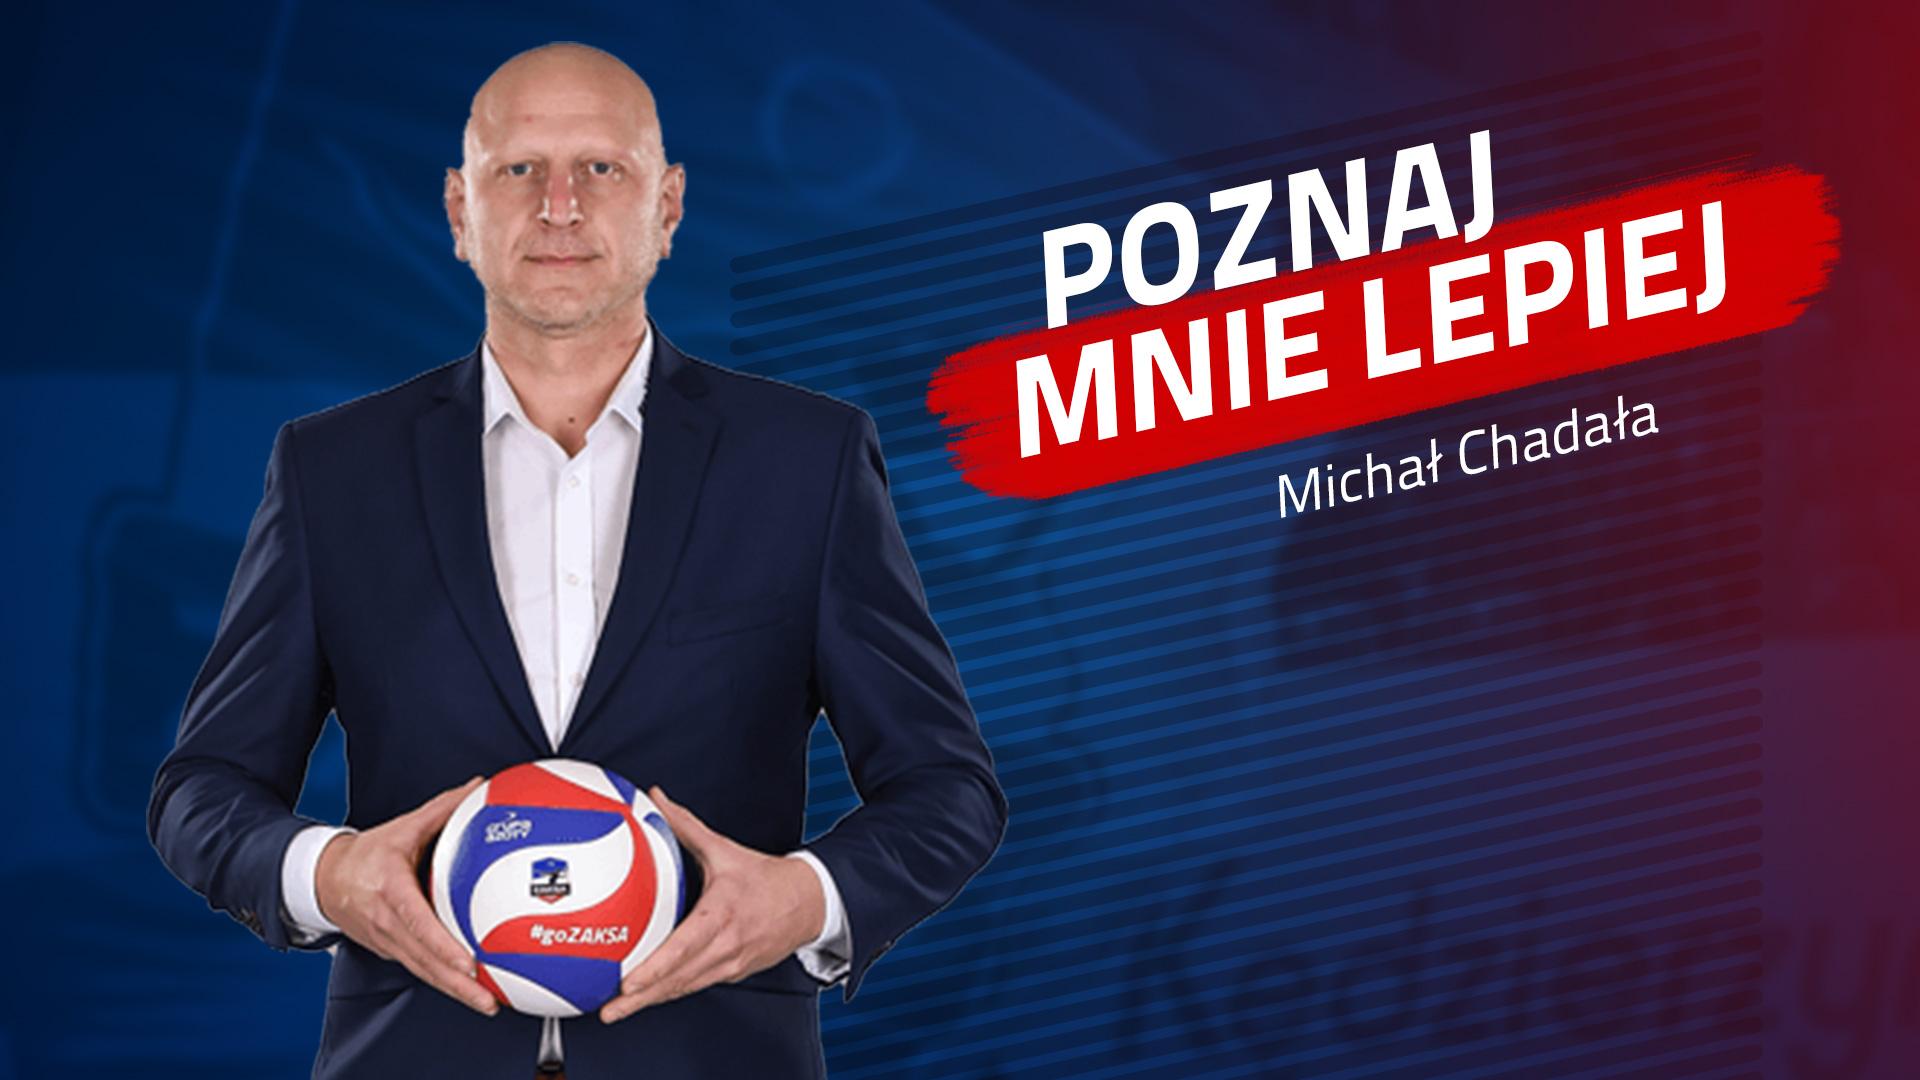 Poznaj mnie lepiej: Michał Chadała